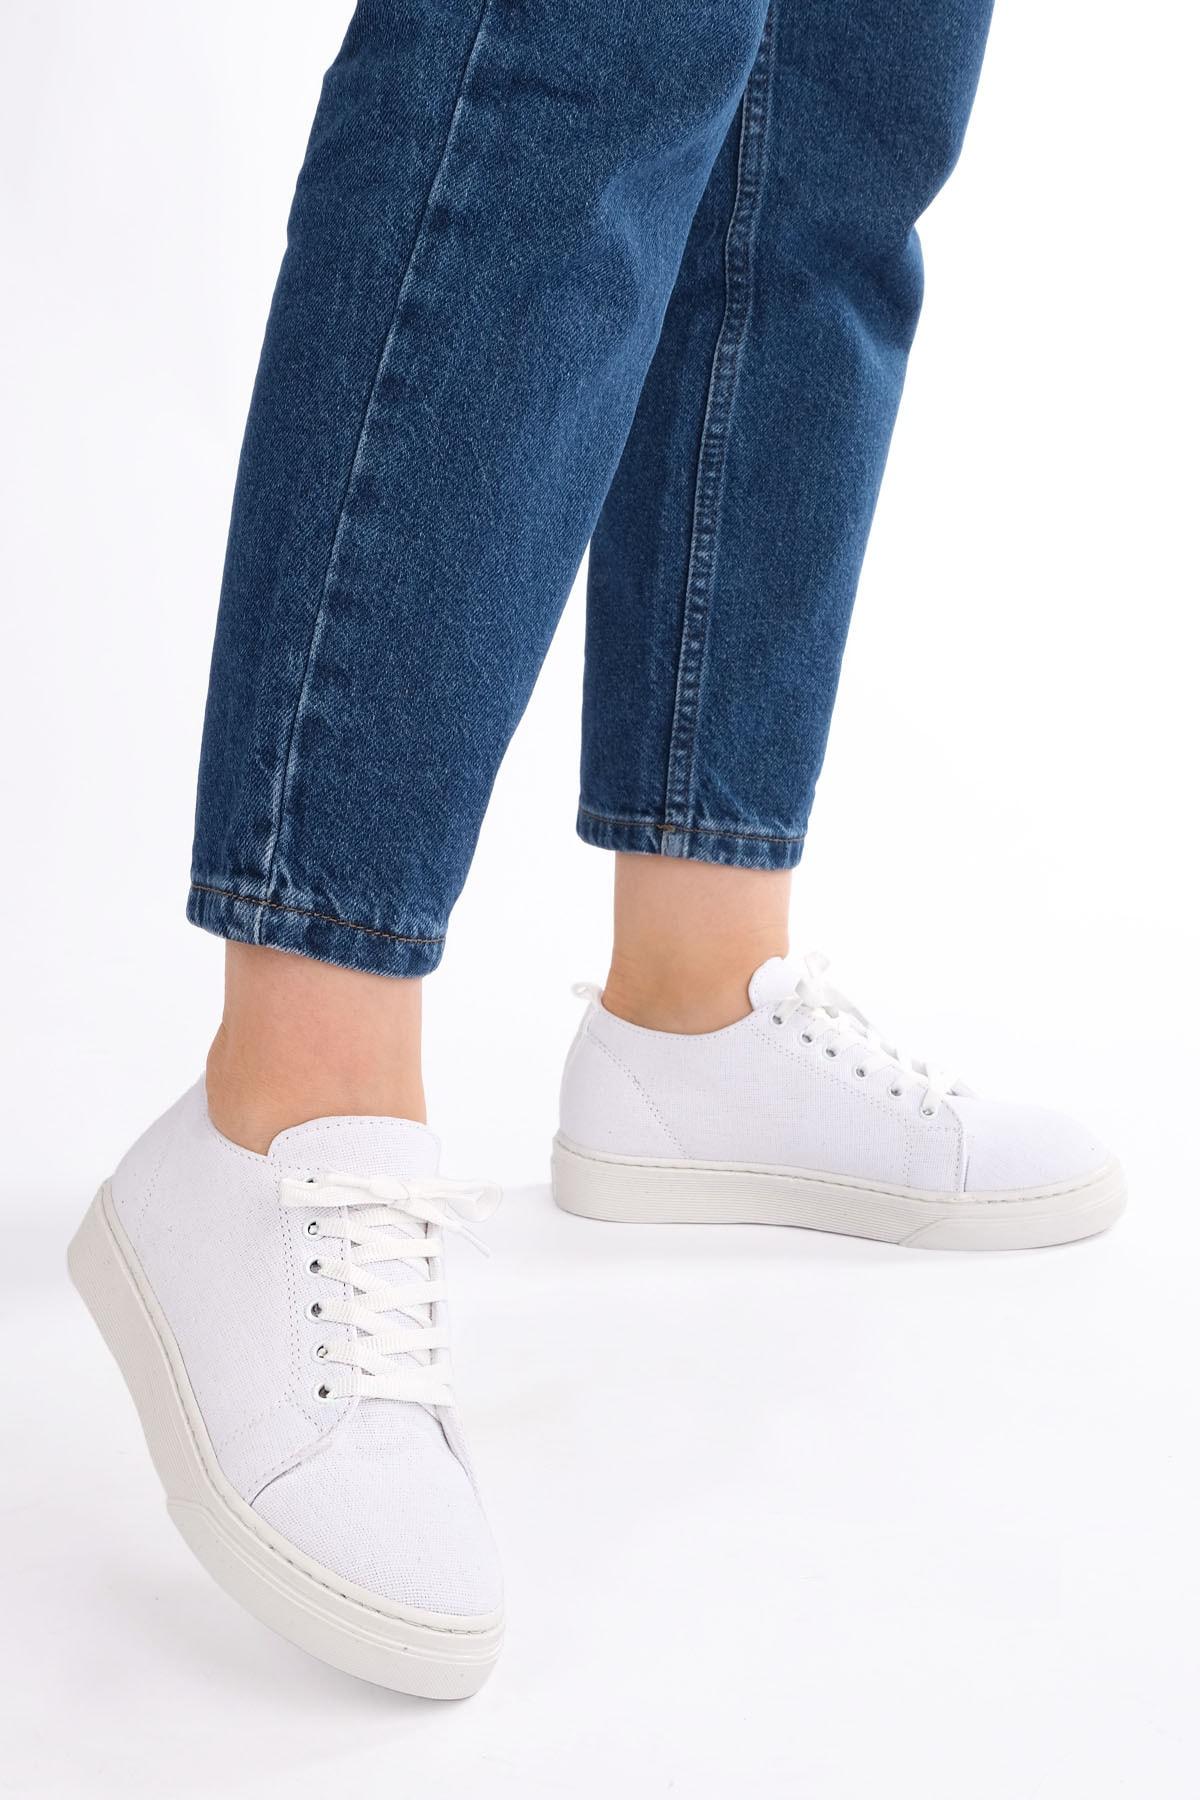 Marjin Kadın Sneaker Keten Spor Ayakkabı RulazBeyaz 3